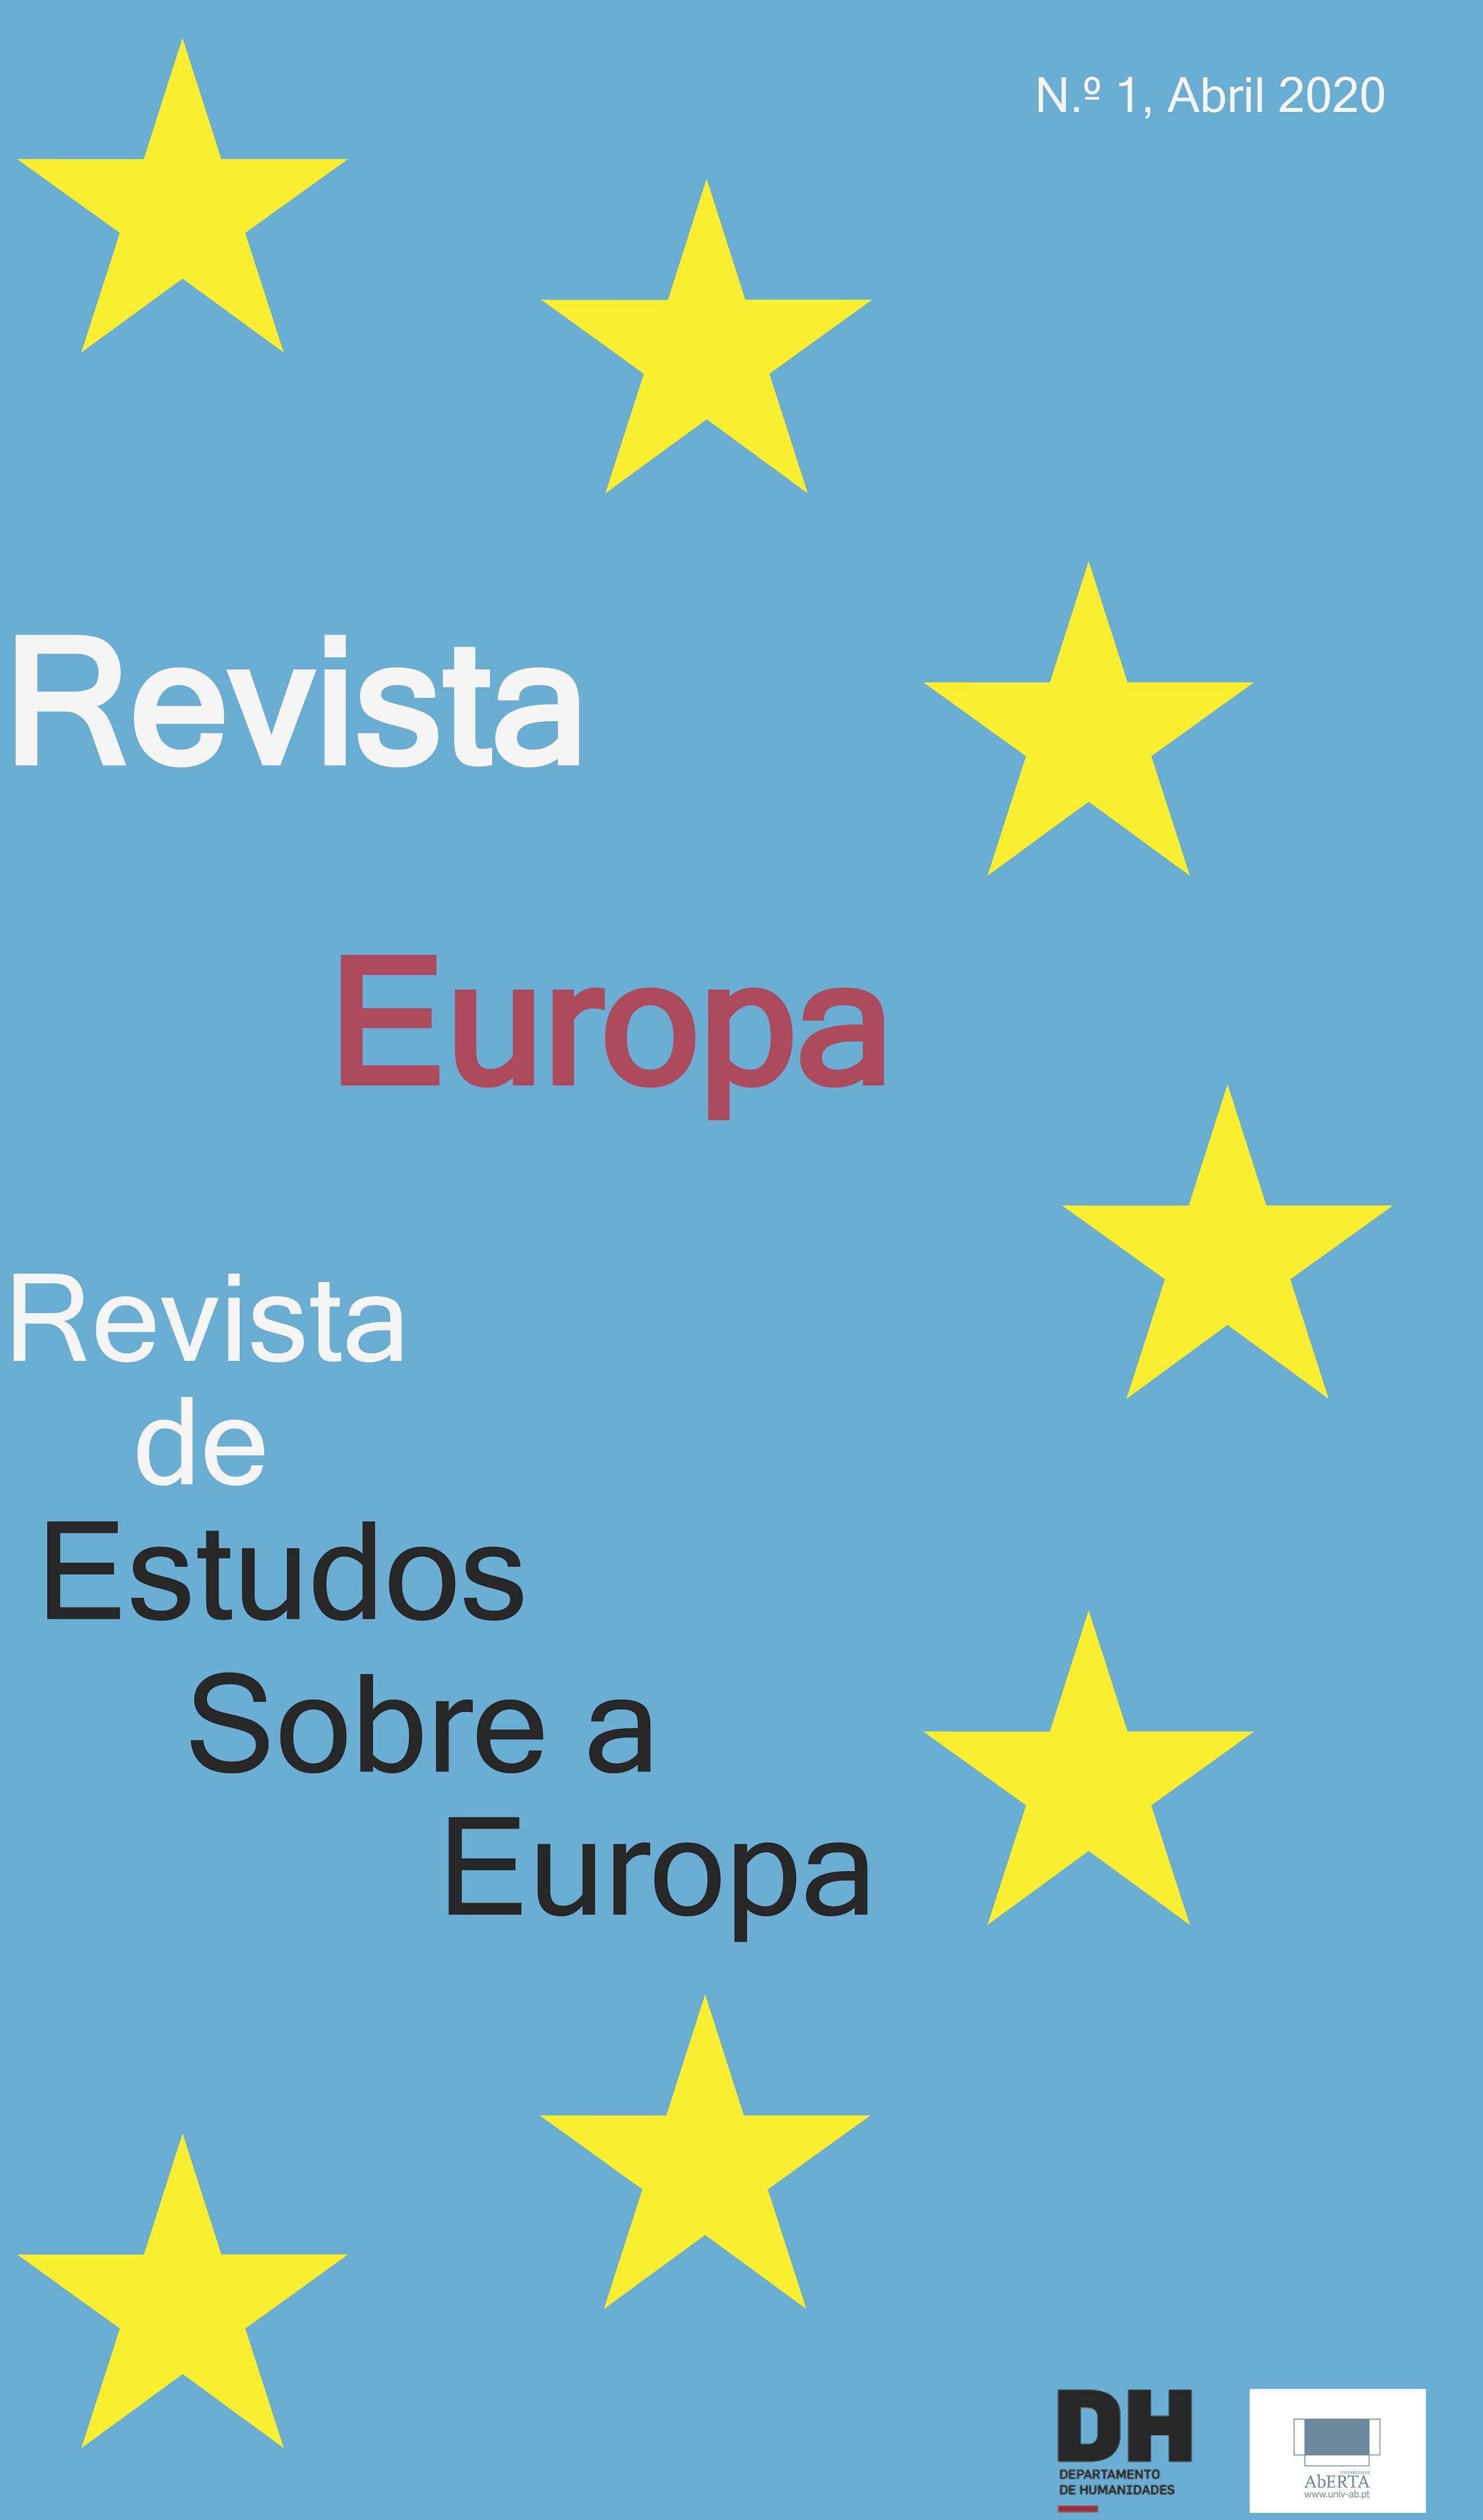 Revista Europa, revista de Estudos sobre a Europa